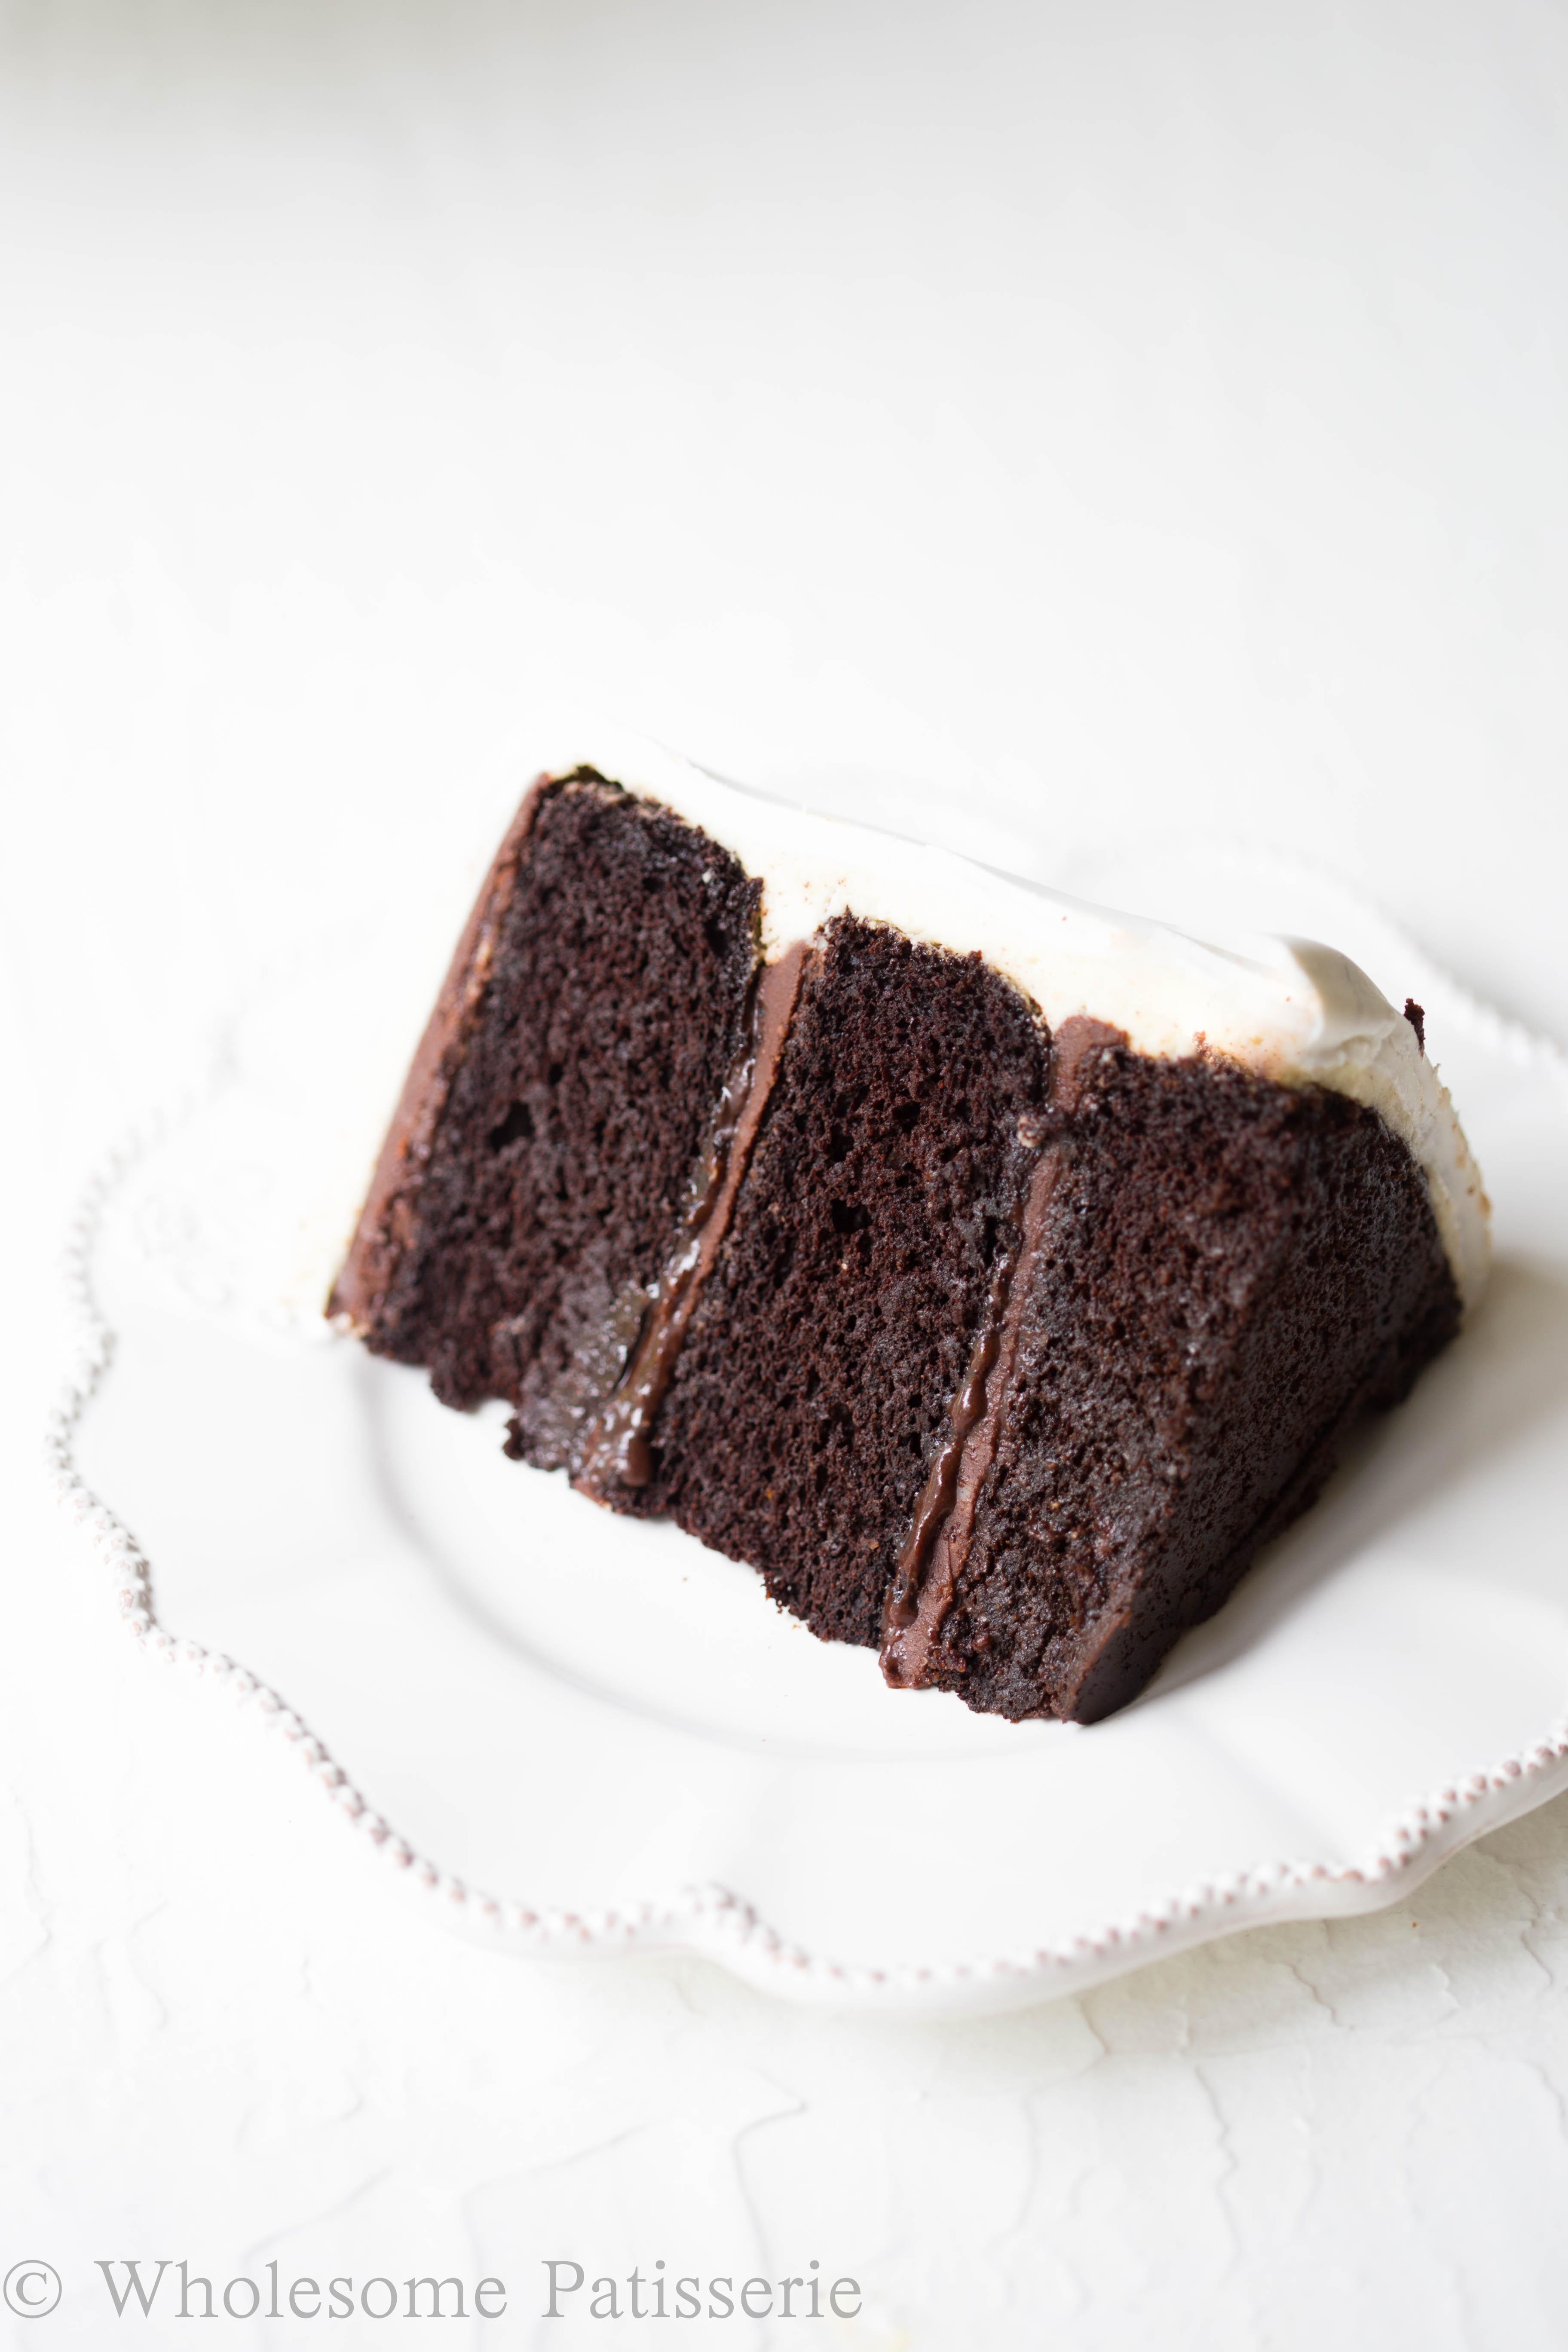 marble-fondant-cake-chocolate-cake-decoration-glutenfree-wedding-cake